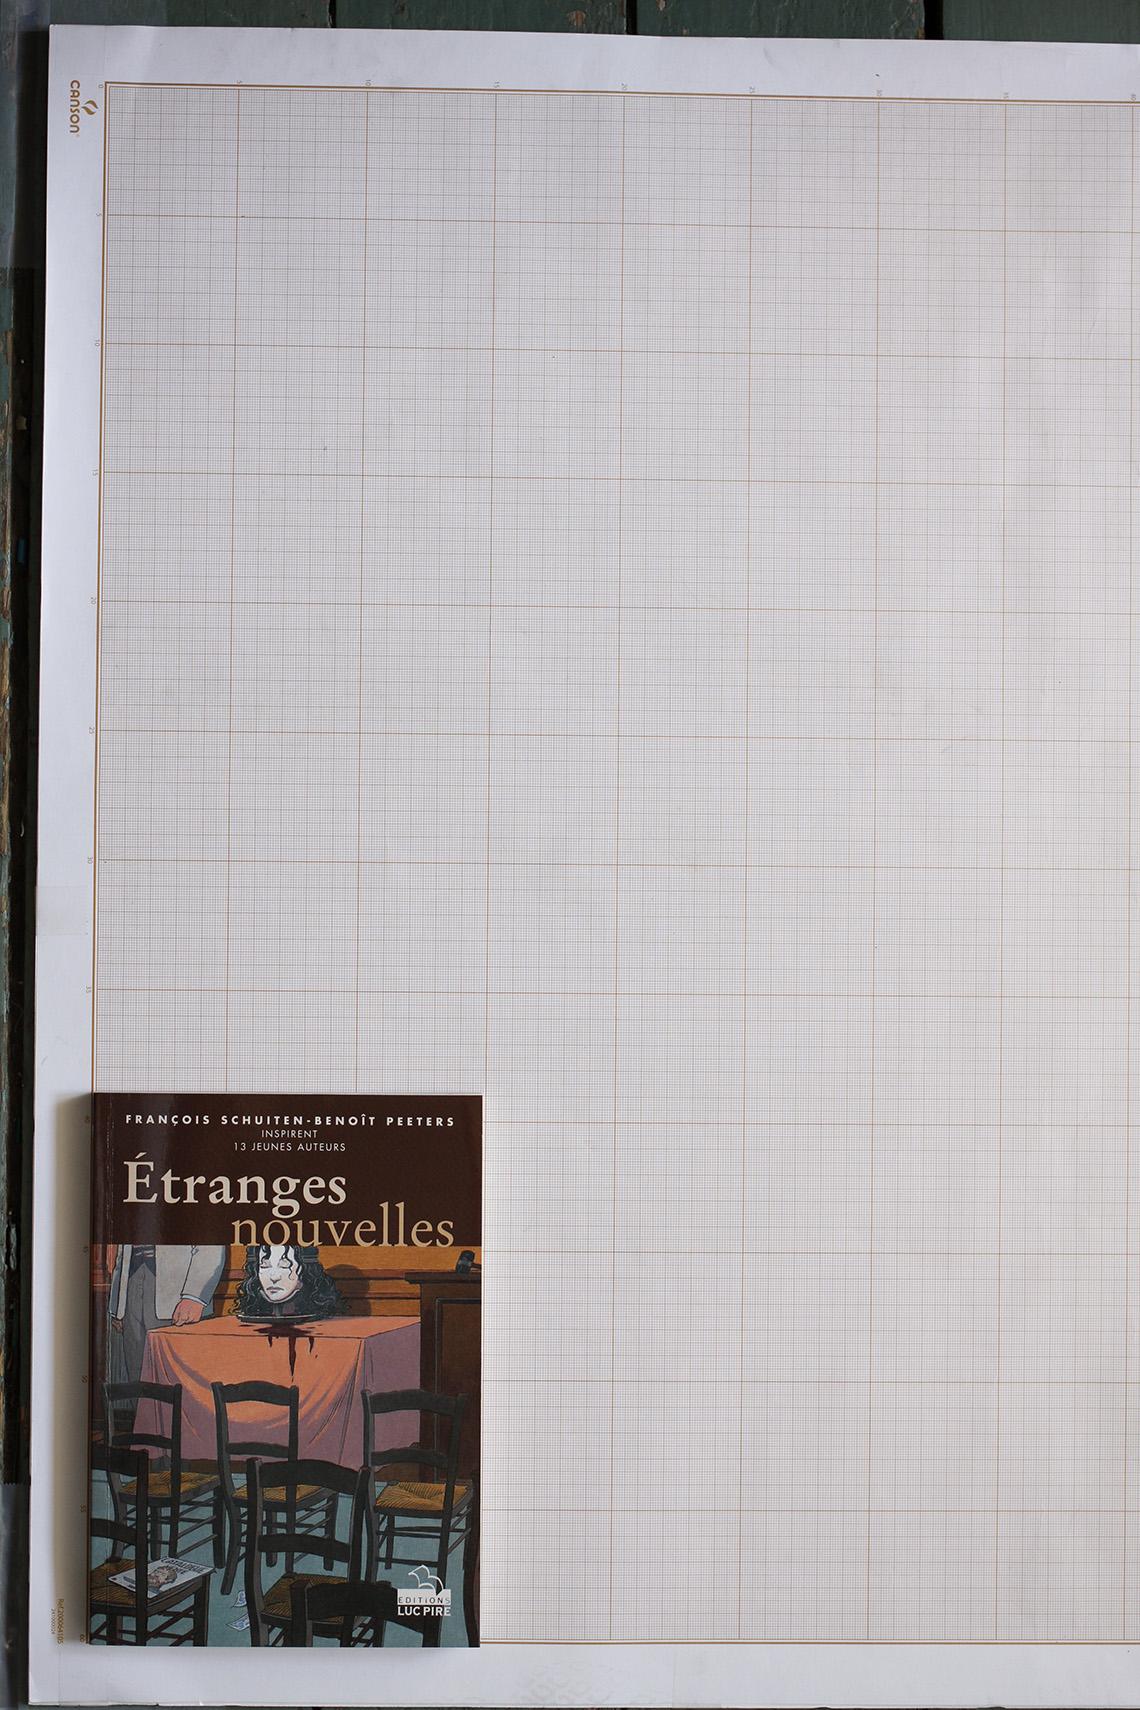 Etranges nouvelles. Françis Schuiten et Benoît Peeters inspirent 13 jeunes auteurs, Collectif - Editions Luc Pire© Maison Autrique, 1998